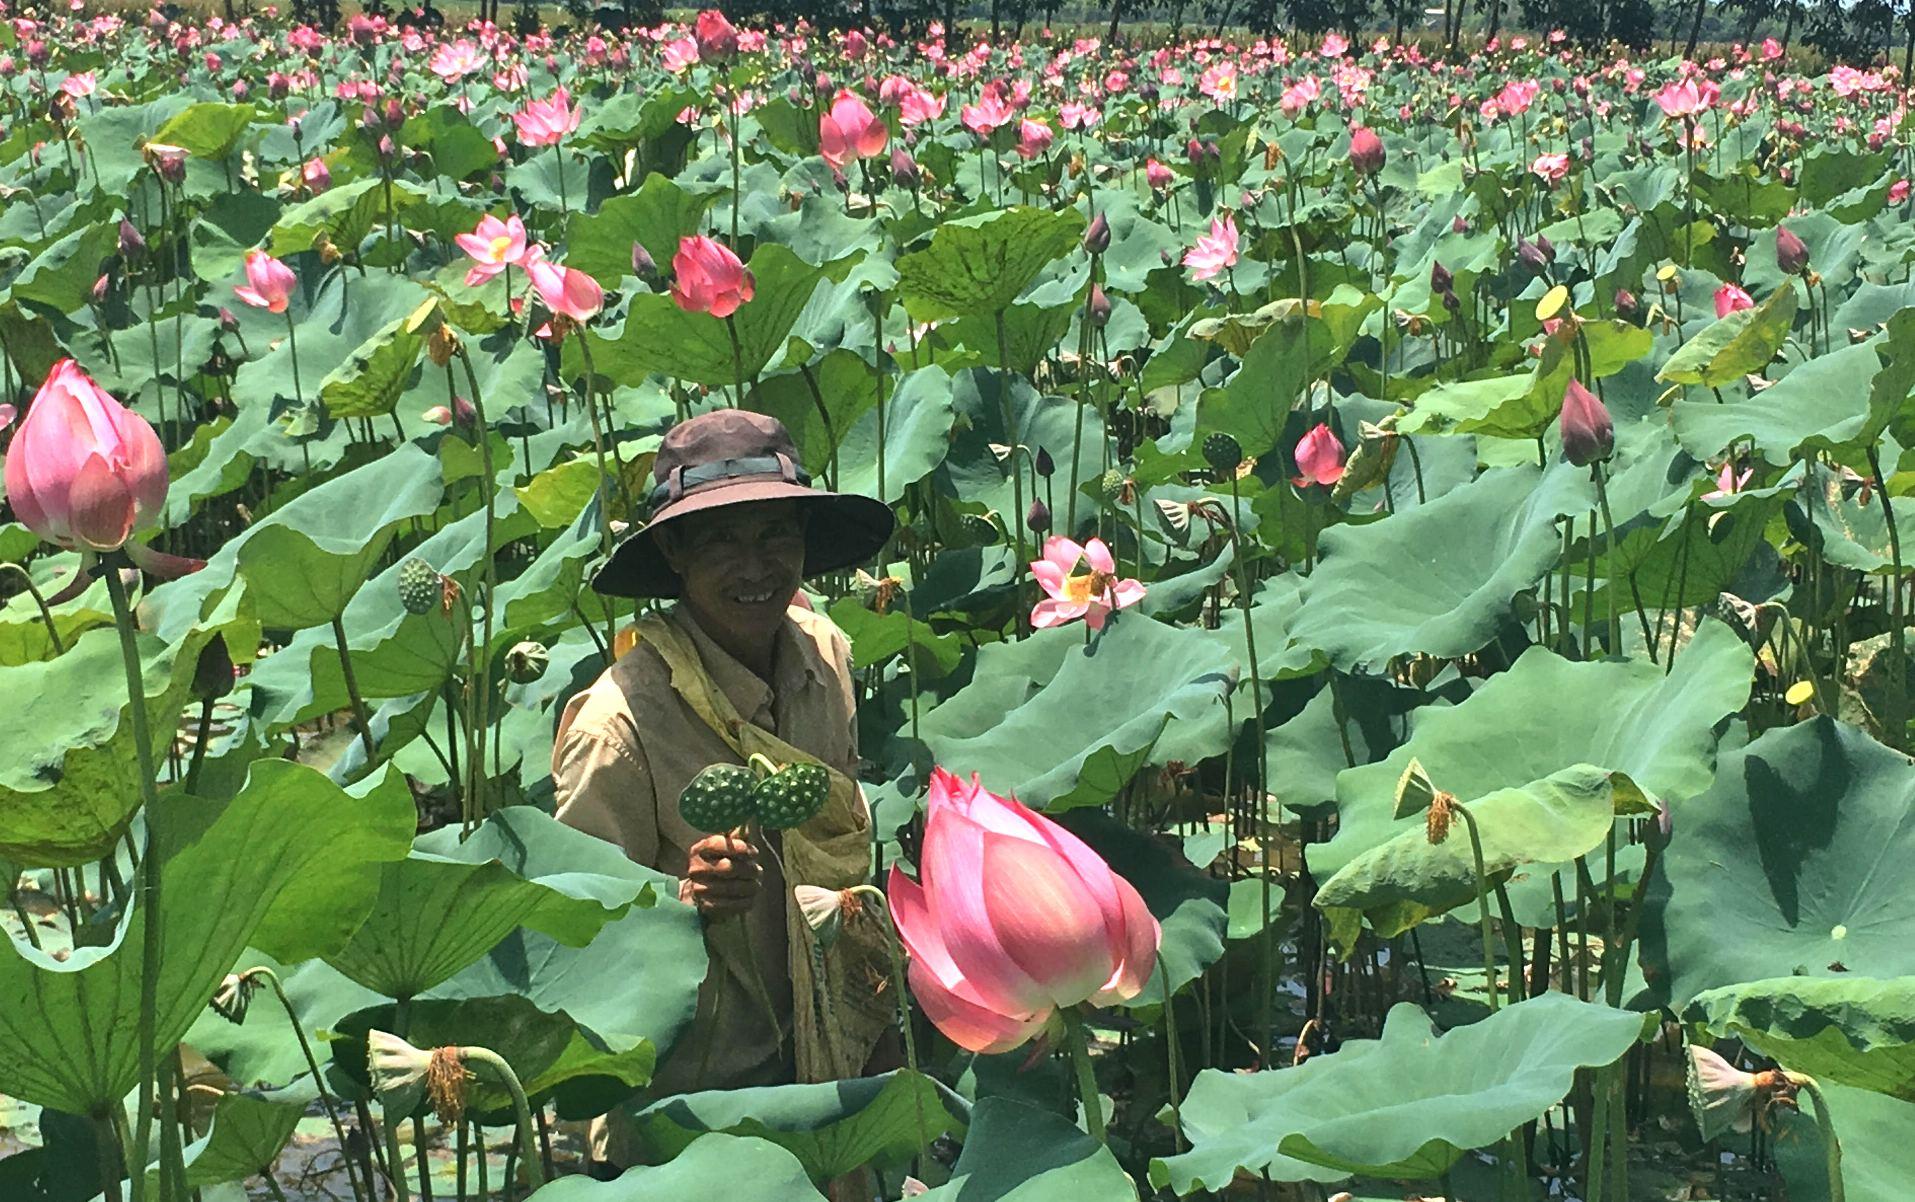 Ông Minh là điển hình của việc vào vùng đất cói khai phá làm kinh tế. Ảnh: PHAN VINH